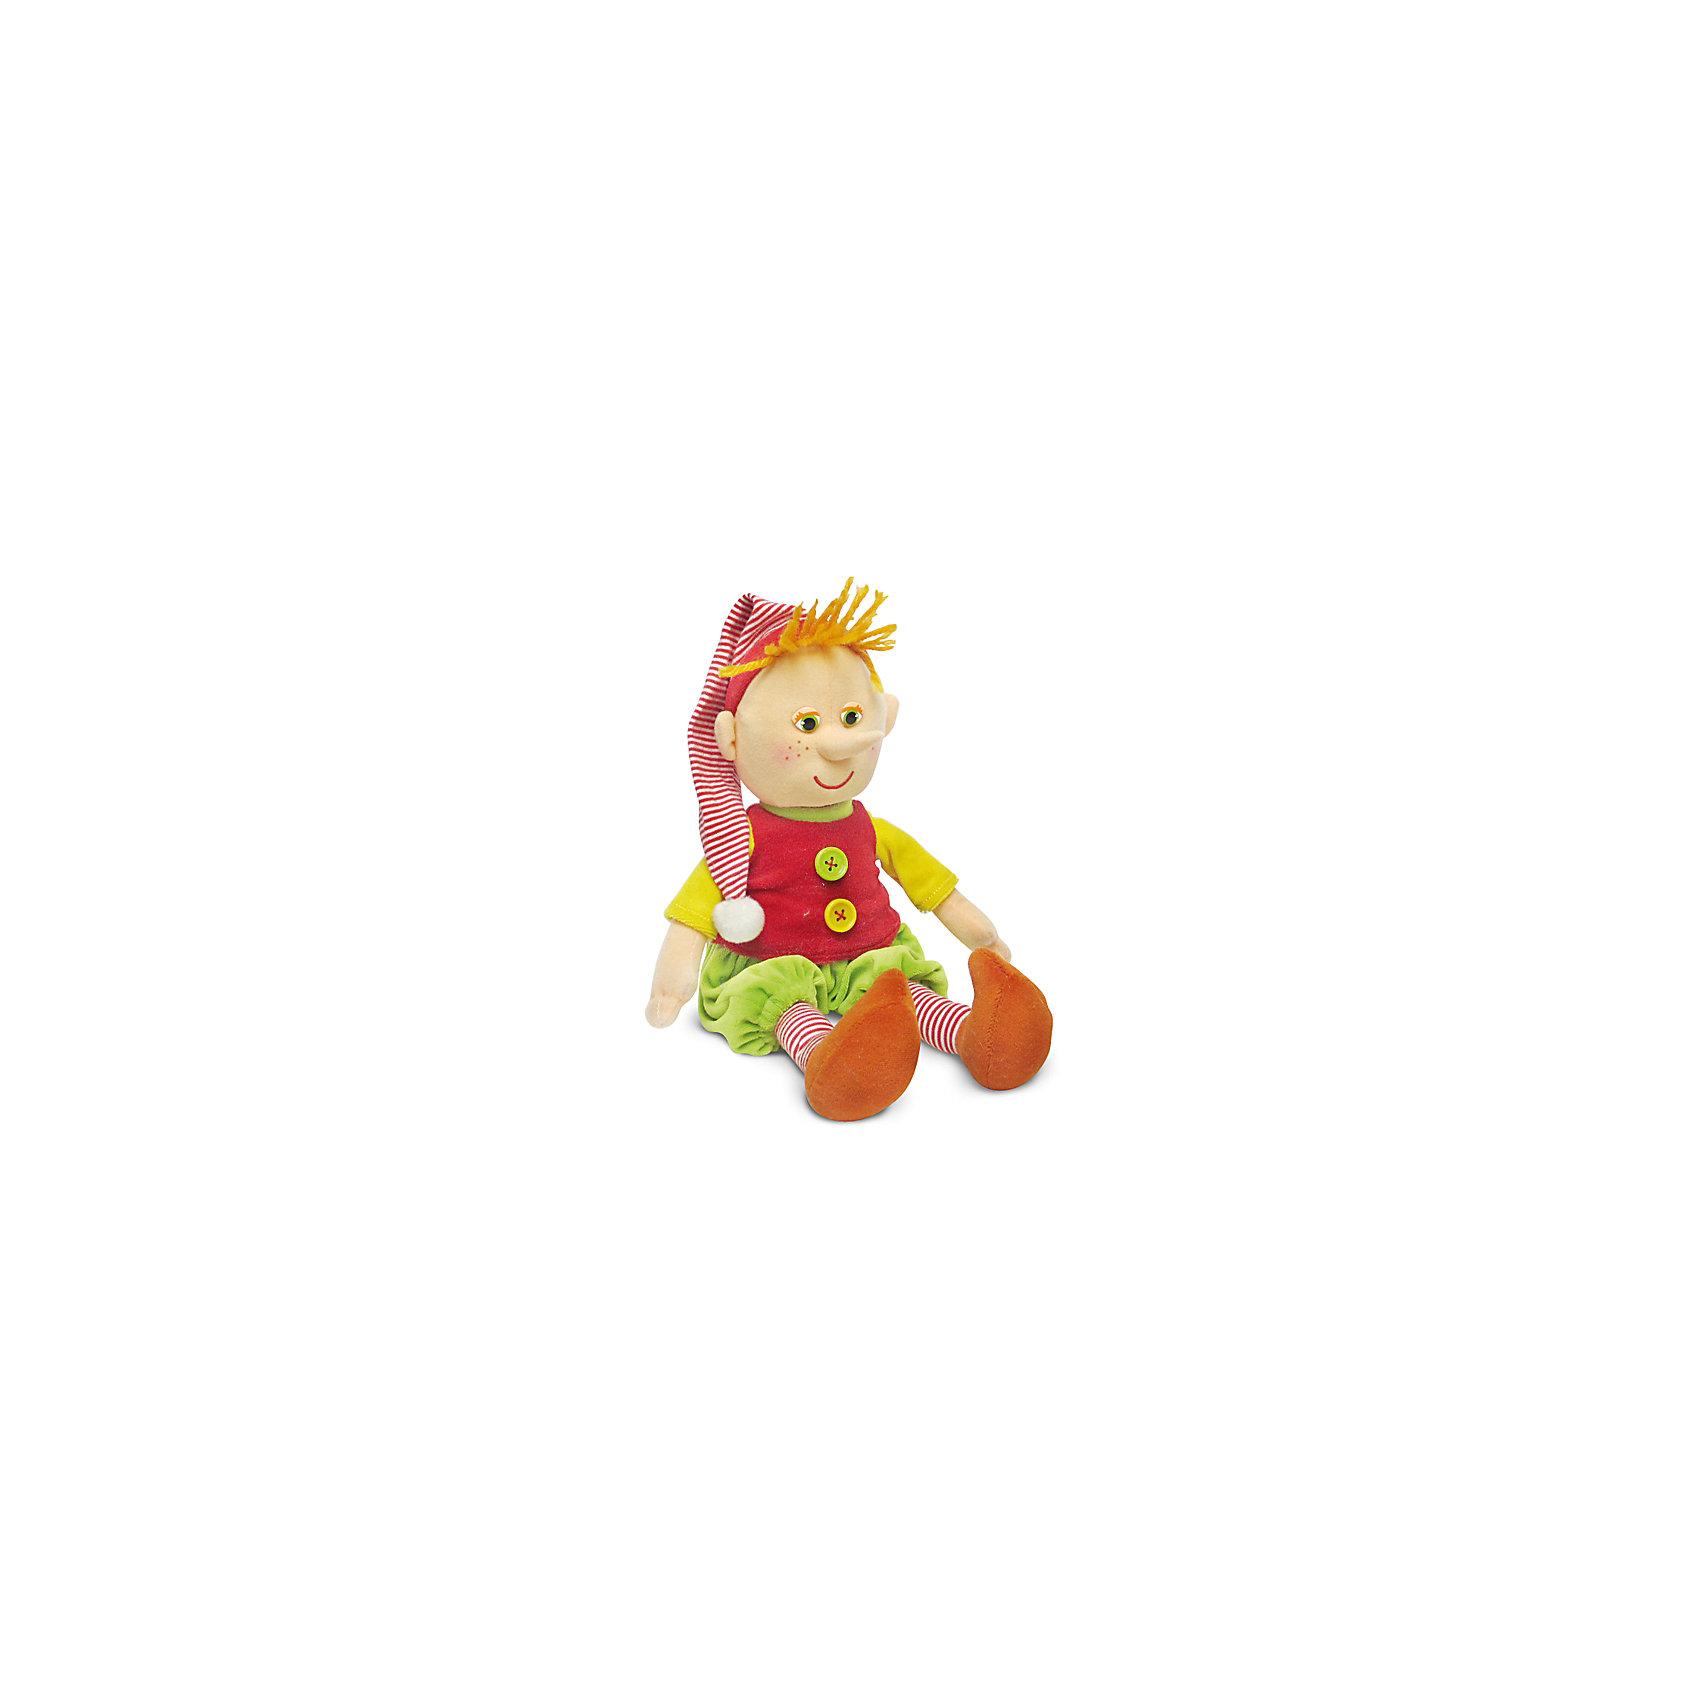 Пиноккио музыкальный, 21 см., LAVAЛюбимые герои<br>Веселый и озорной Пиноккио станет настоящим другом вашему ребенку. Он споет малышу веселую песенку и обязательно поднимет настроение. Игрушка выполнена из высококачественных экологичных материалов, плотно набита, очень приятна на ощупь. <br><br>Дополнительная информация:<br><br>- Материал: искусственный мех, текстиль, синтепон, пластик.<br>- Высота: 21 см.<br>- Поет песенку. <br>- Элемент питания: батарейка (в комплекте).<br><br>Пиноккио музыкального, 21 см., LAVA (ЛАВА) можно купить в нашем магазине.<br><br>Ширина мм: 150<br>Глубина мм: 150<br>Высота мм: 210<br>Вес г: 194<br>Возраст от месяцев: 36<br>Возраст до месяцев: 1188<br>Пол: Унисекс<br>Возраст: Детский<br>SKU: 4444175